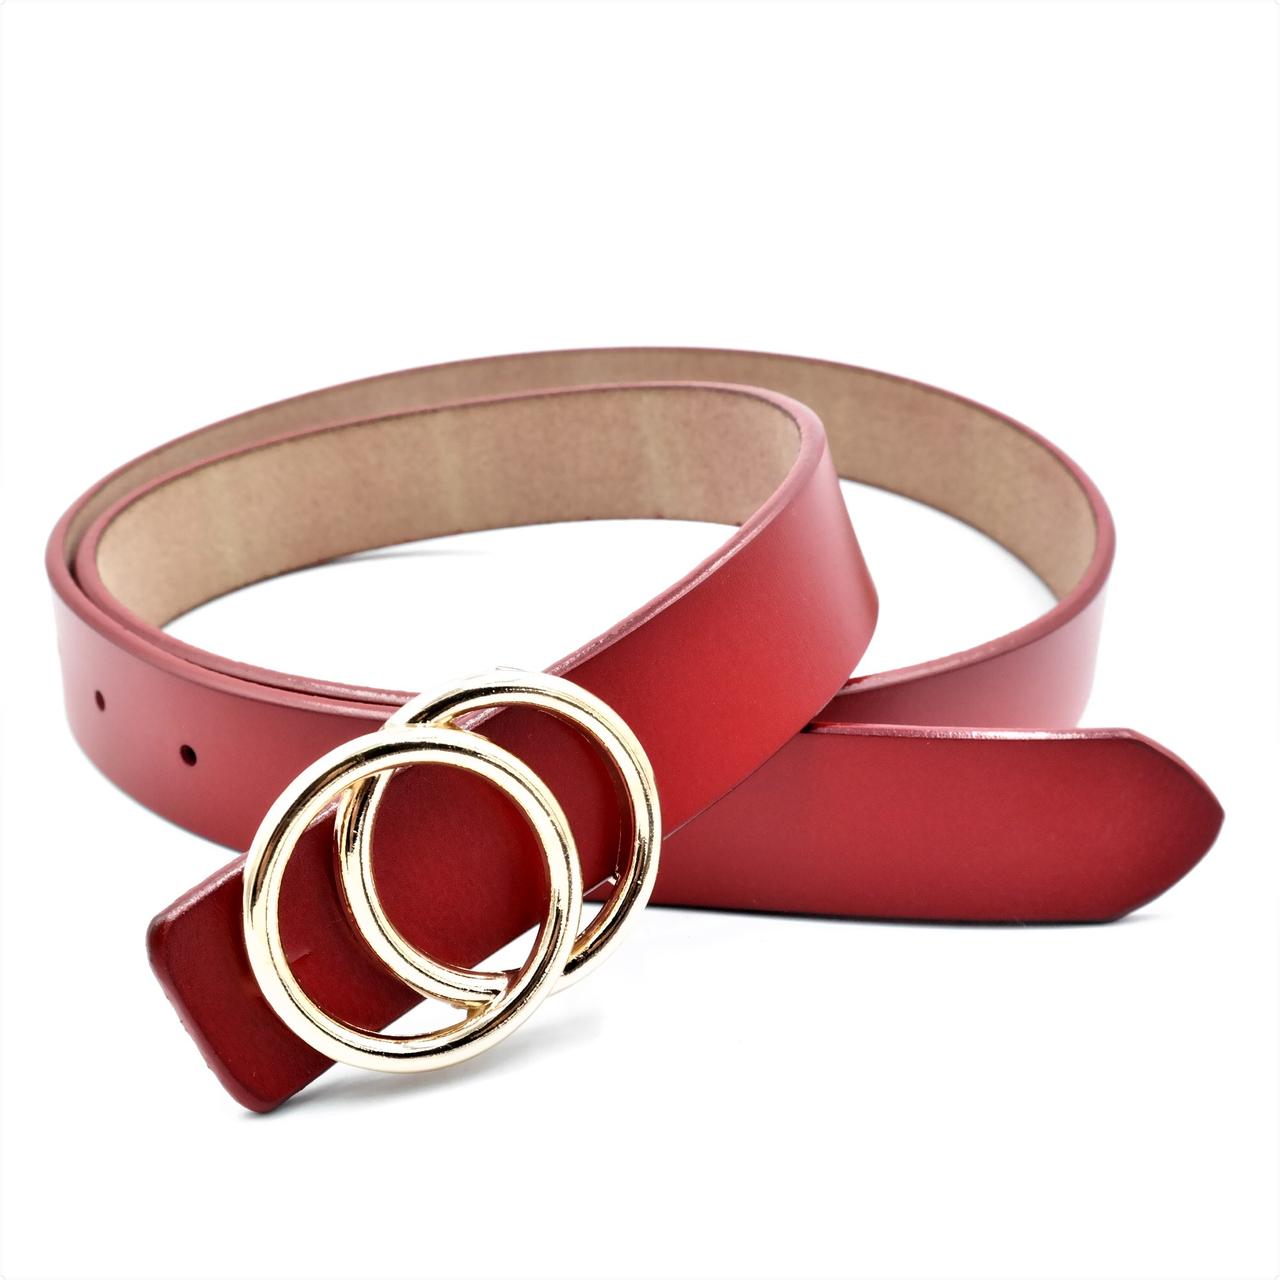 Женский кожаный ремень Le-Mon 110-115 см Красный (nwzh-30k-0060)